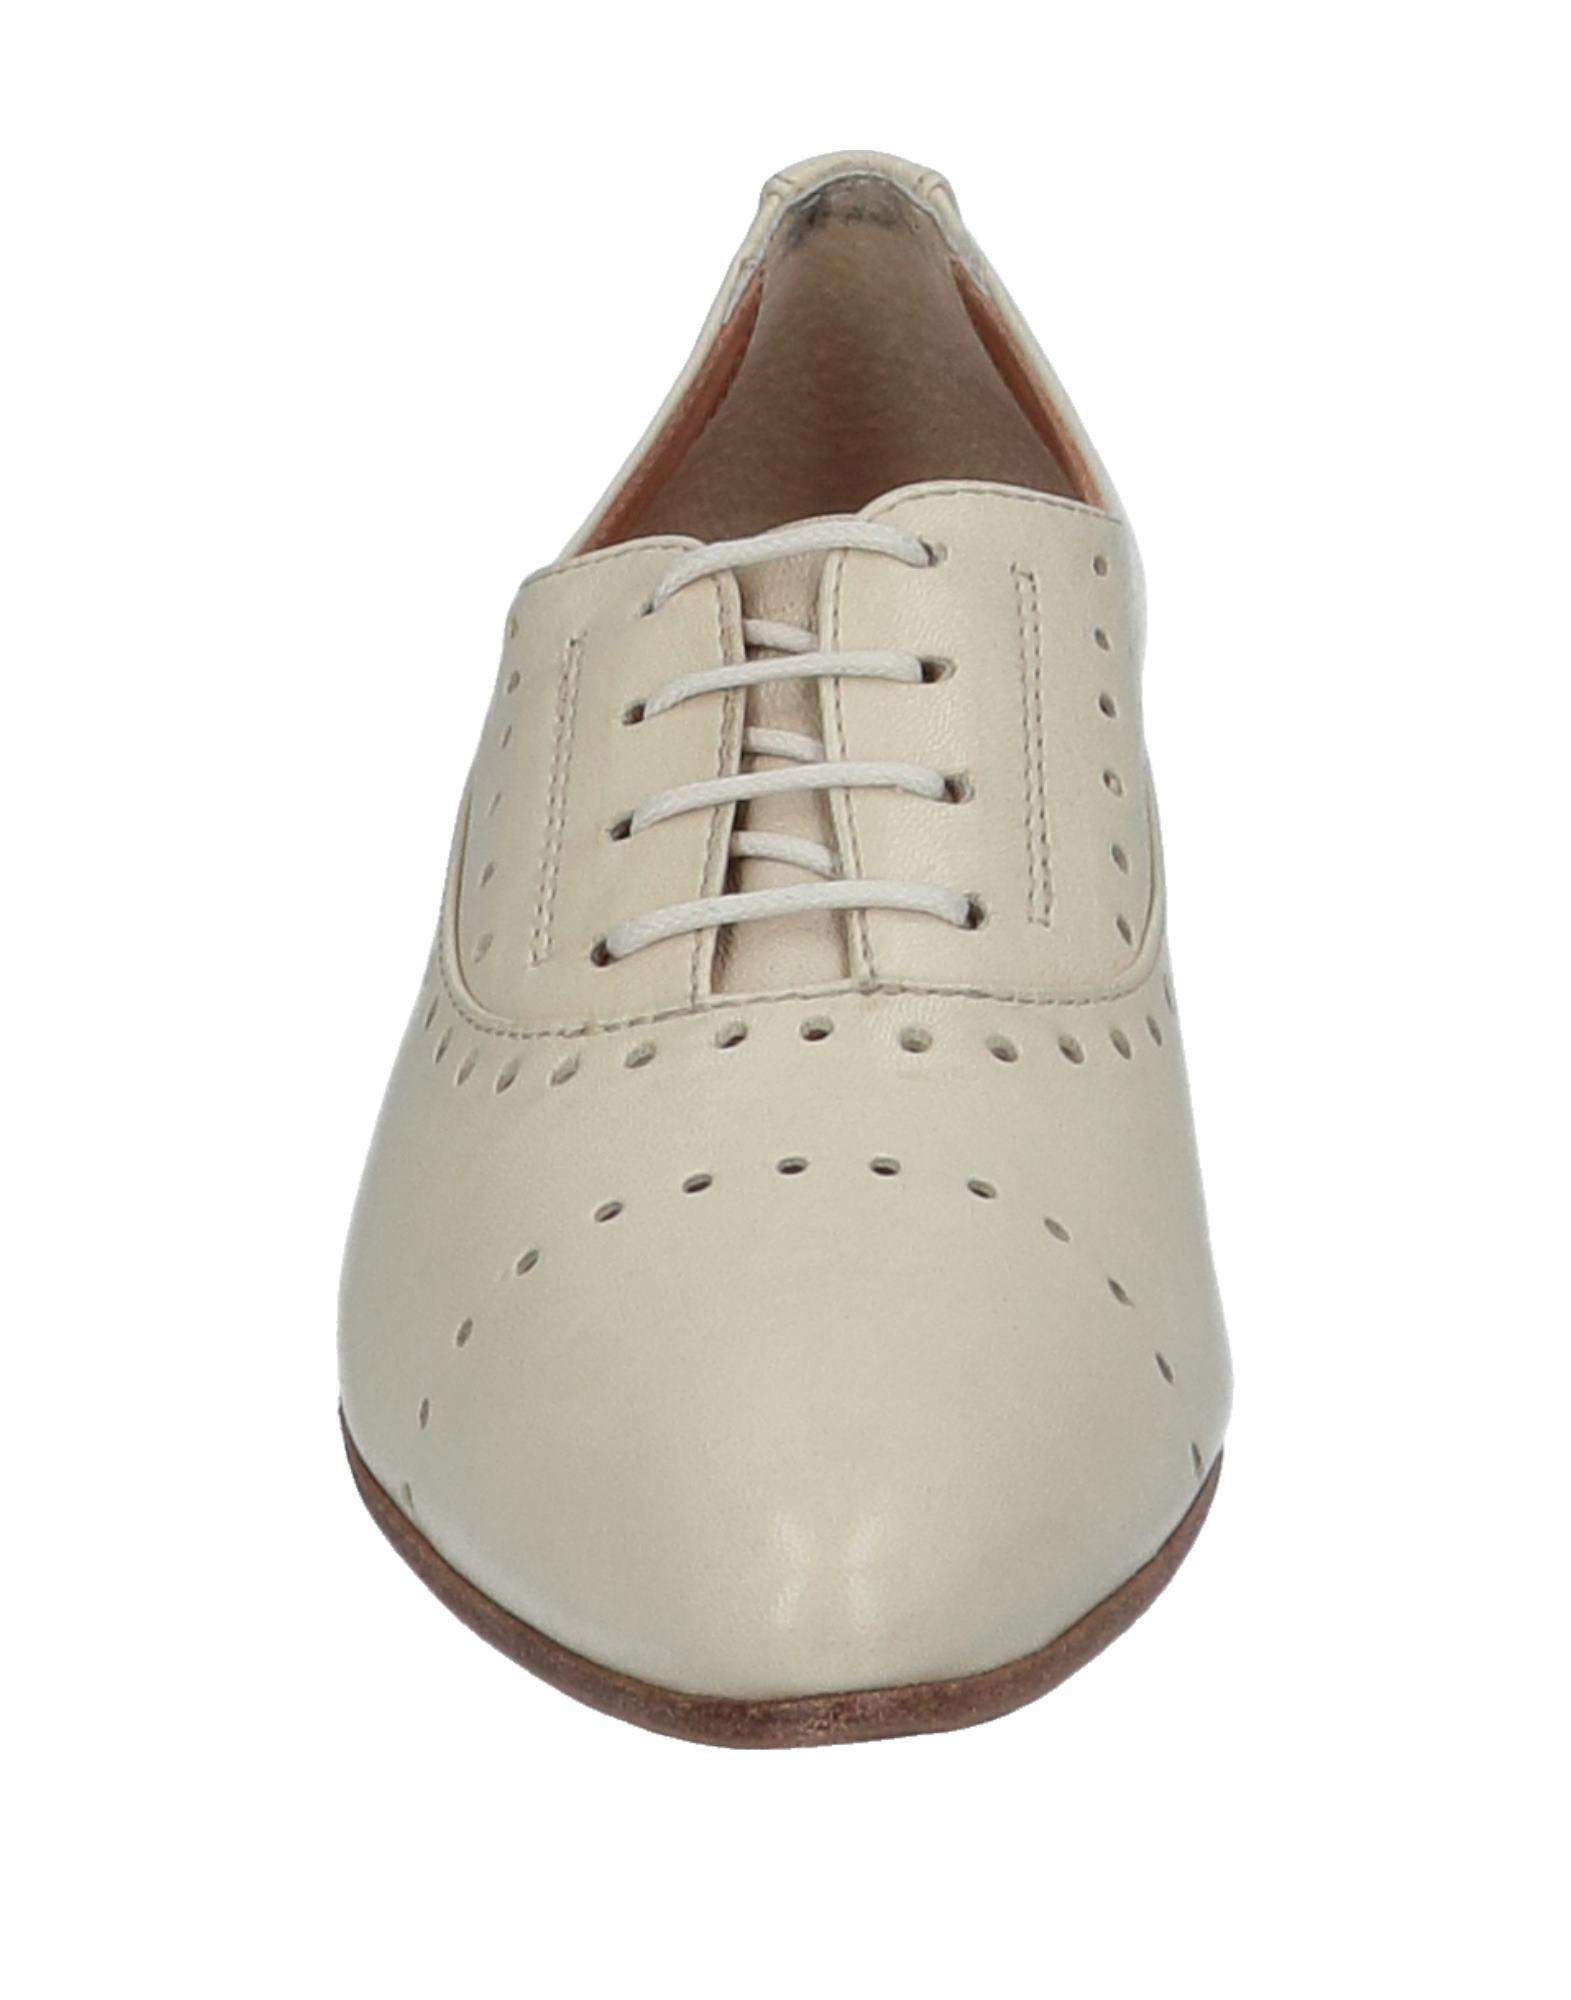 Hundred 100 Schnürschuhe Damen  11526085LO Schuhe Gute Qualität beliebte Schuhe 11526085LO 7c365d